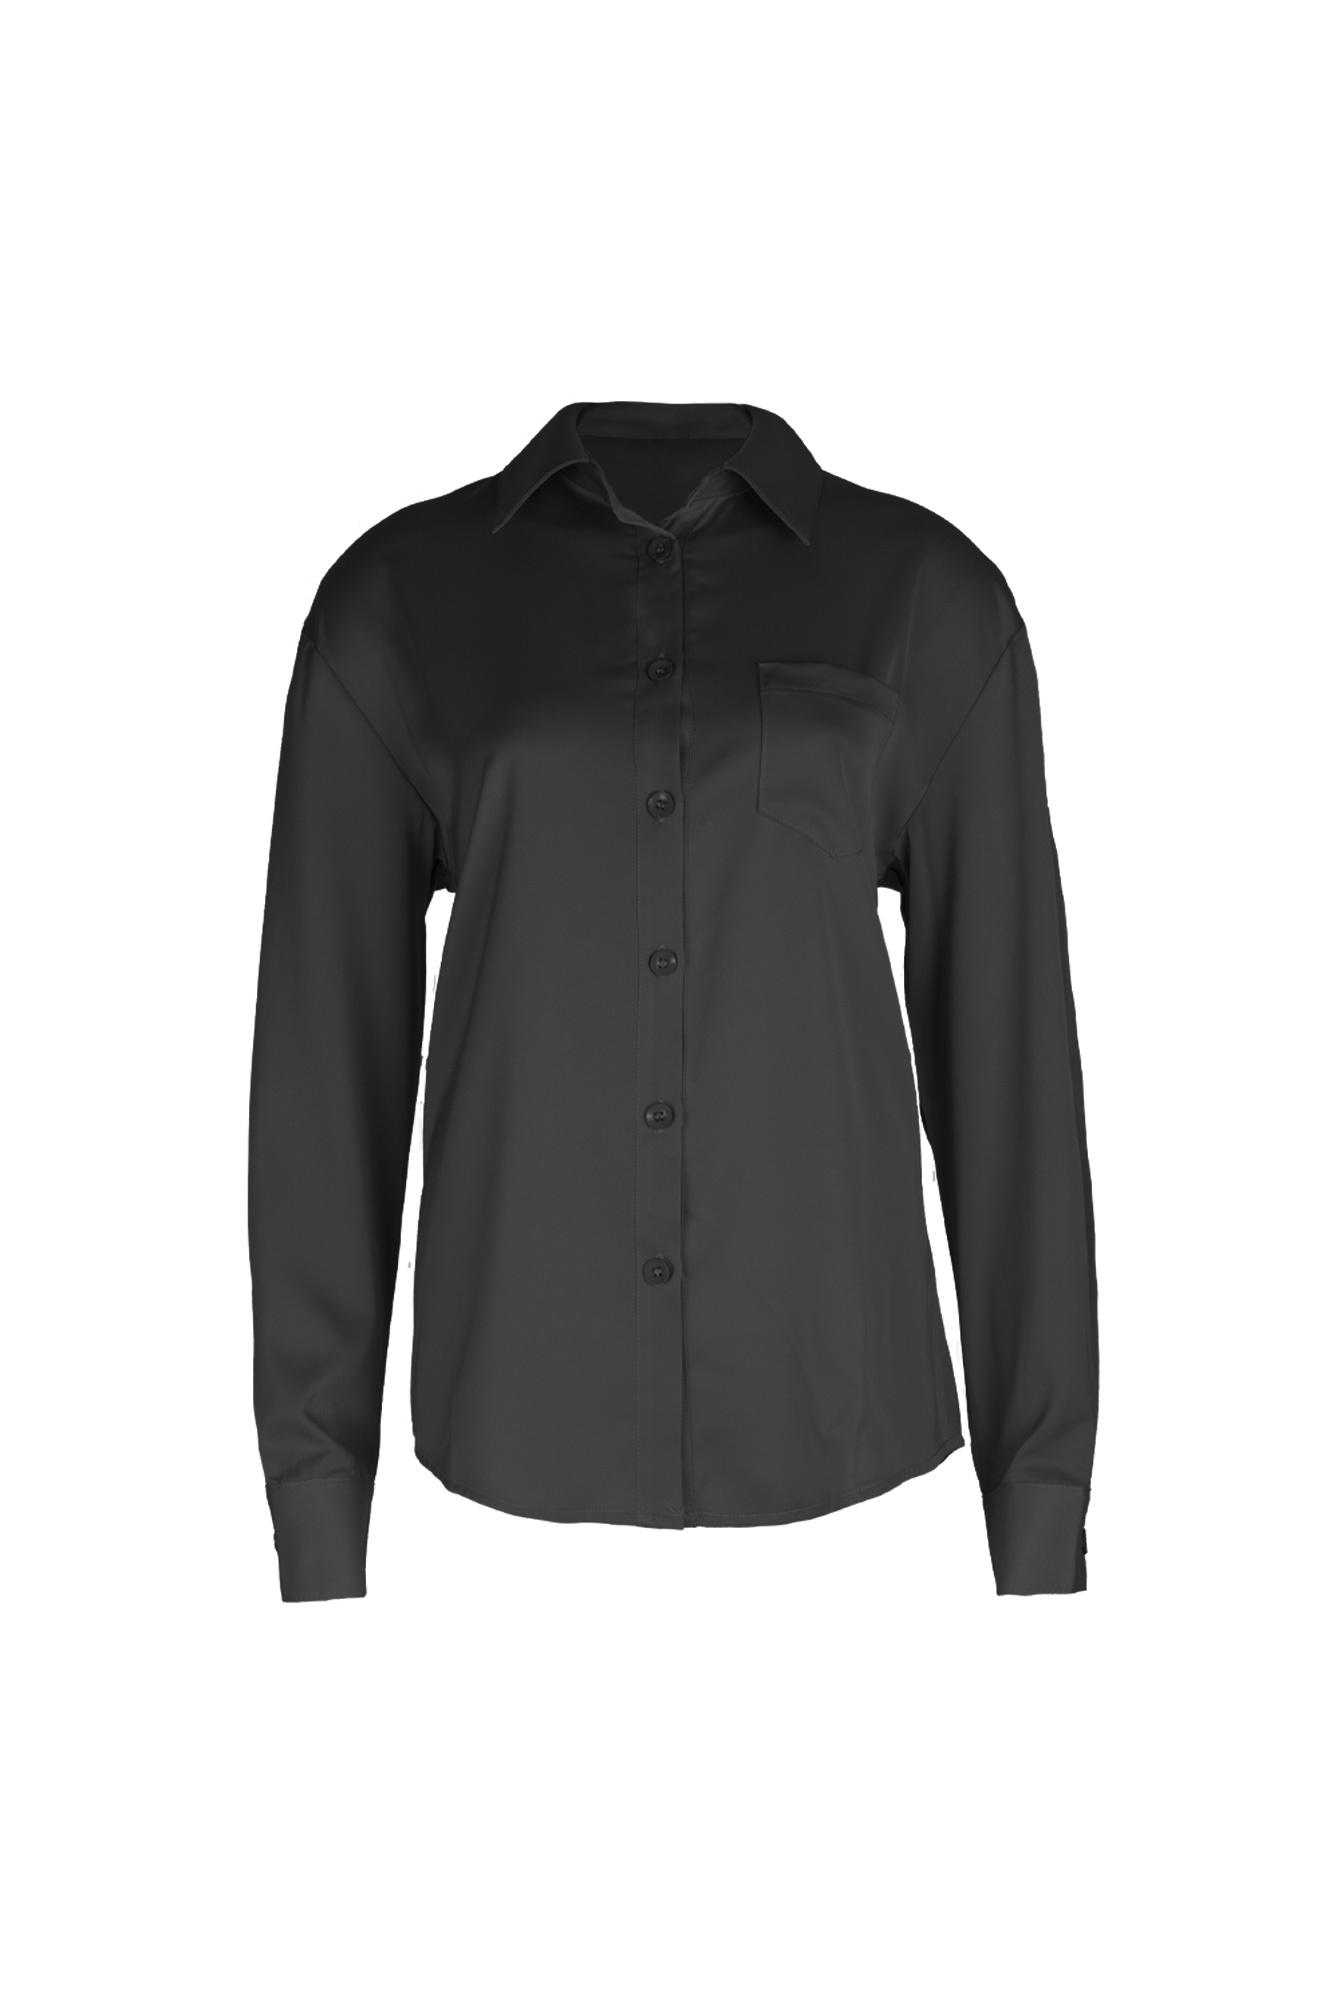 P'J satin blouse black